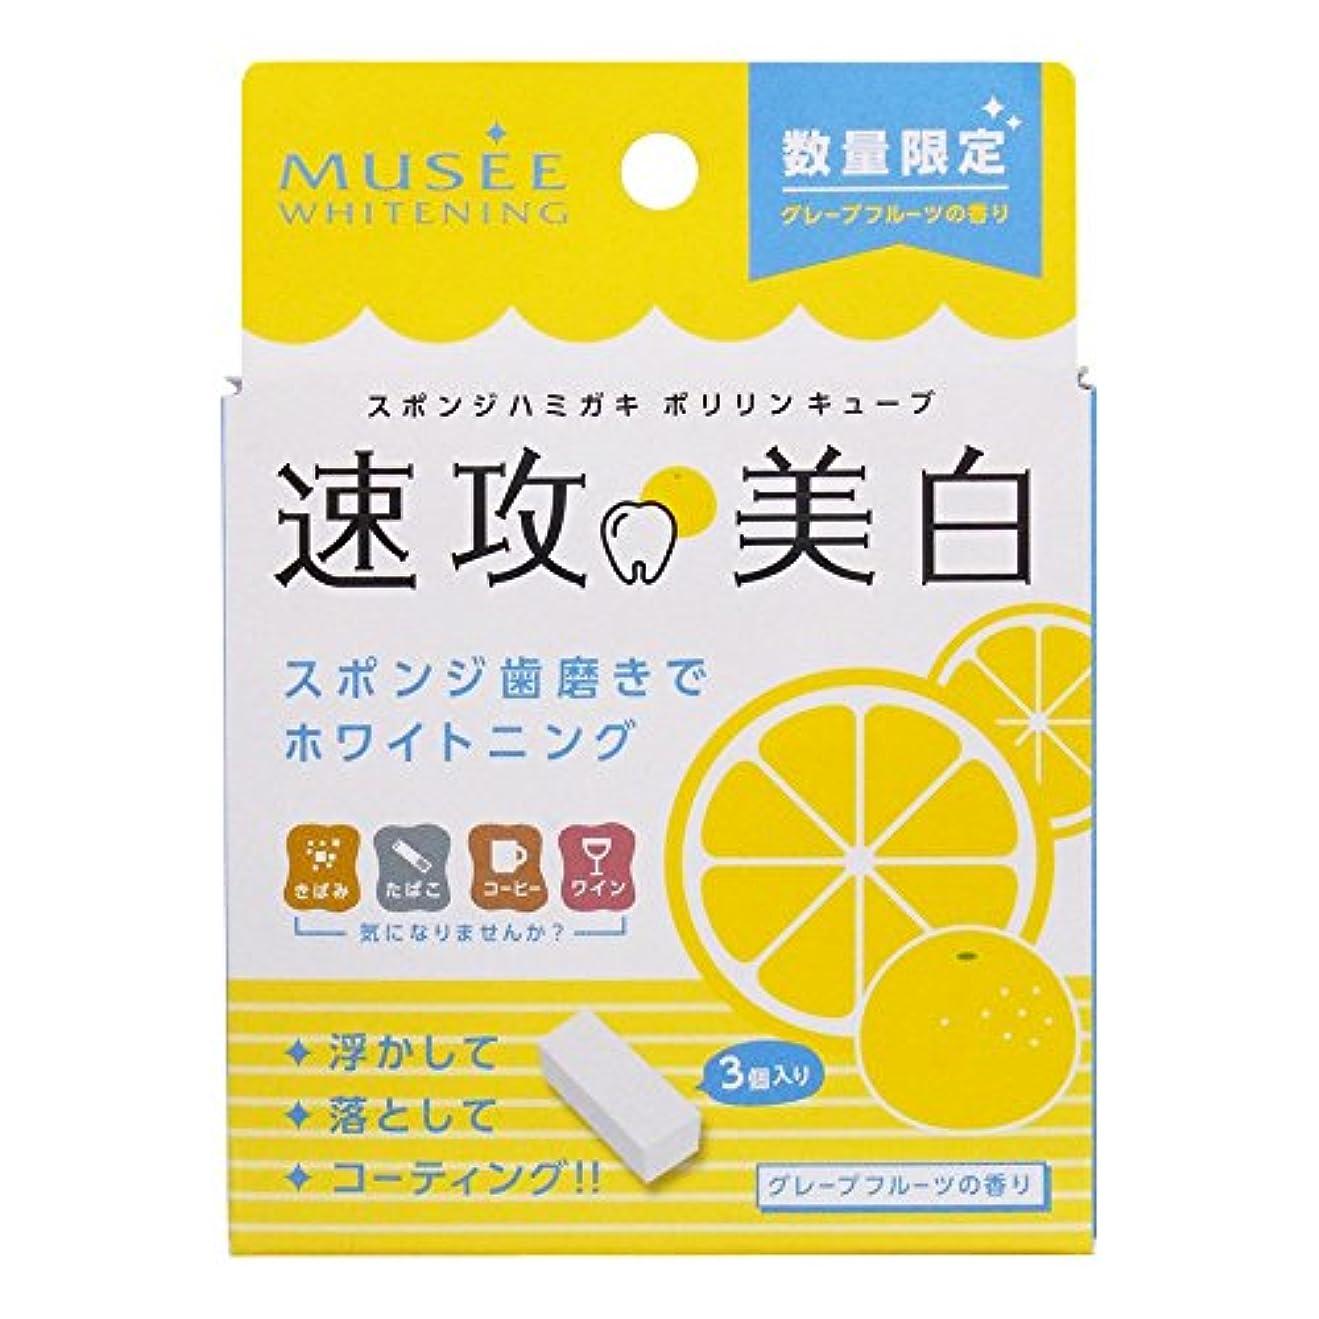 定規ダイアクリティカル定期的にミュゼホワイトニング ポリリンキューブ グレープフルーツの香り (1回分×3包)